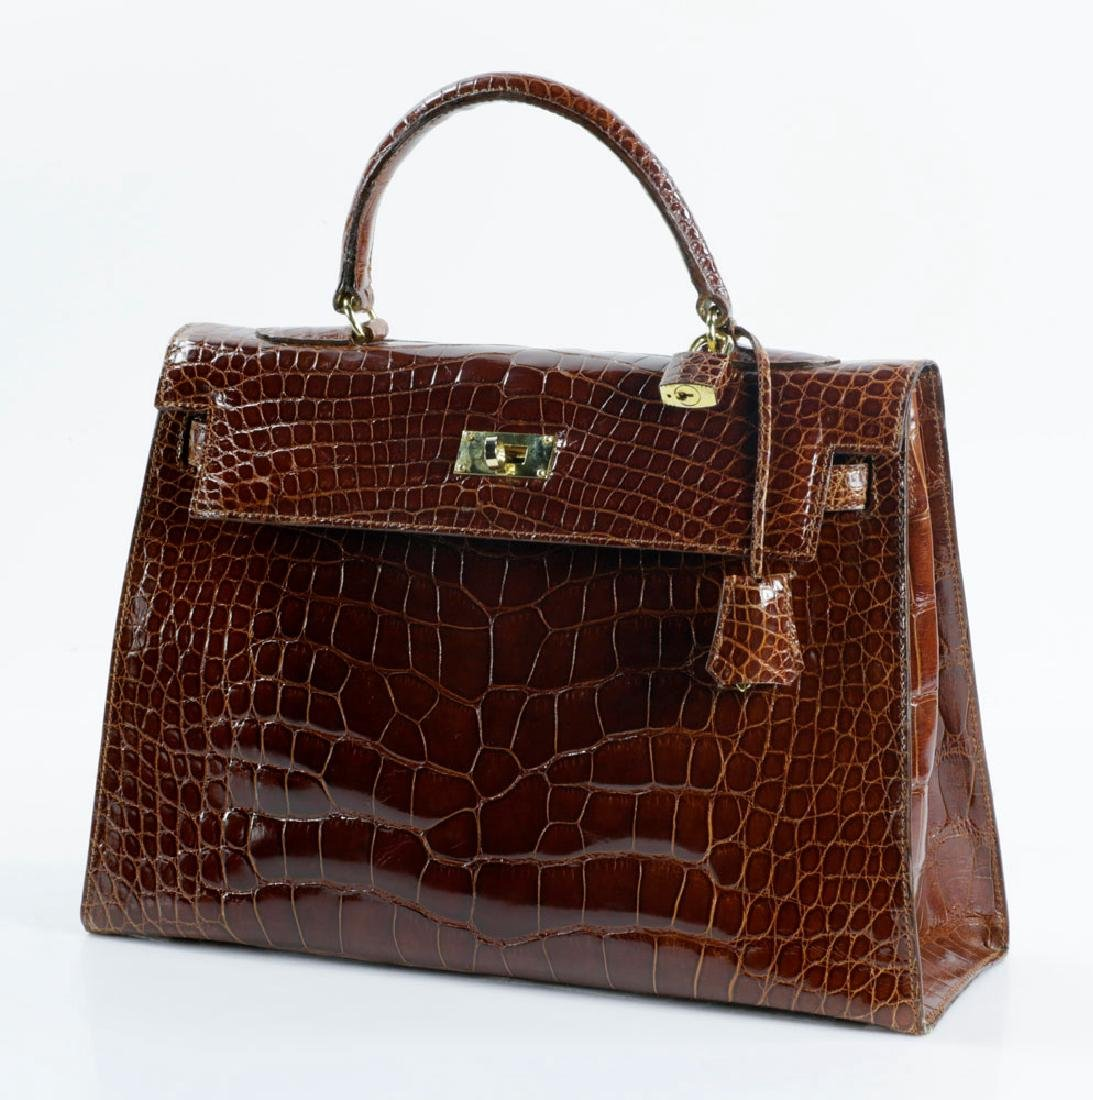 Hermes Style Kelly Sellier Crocodile Bag